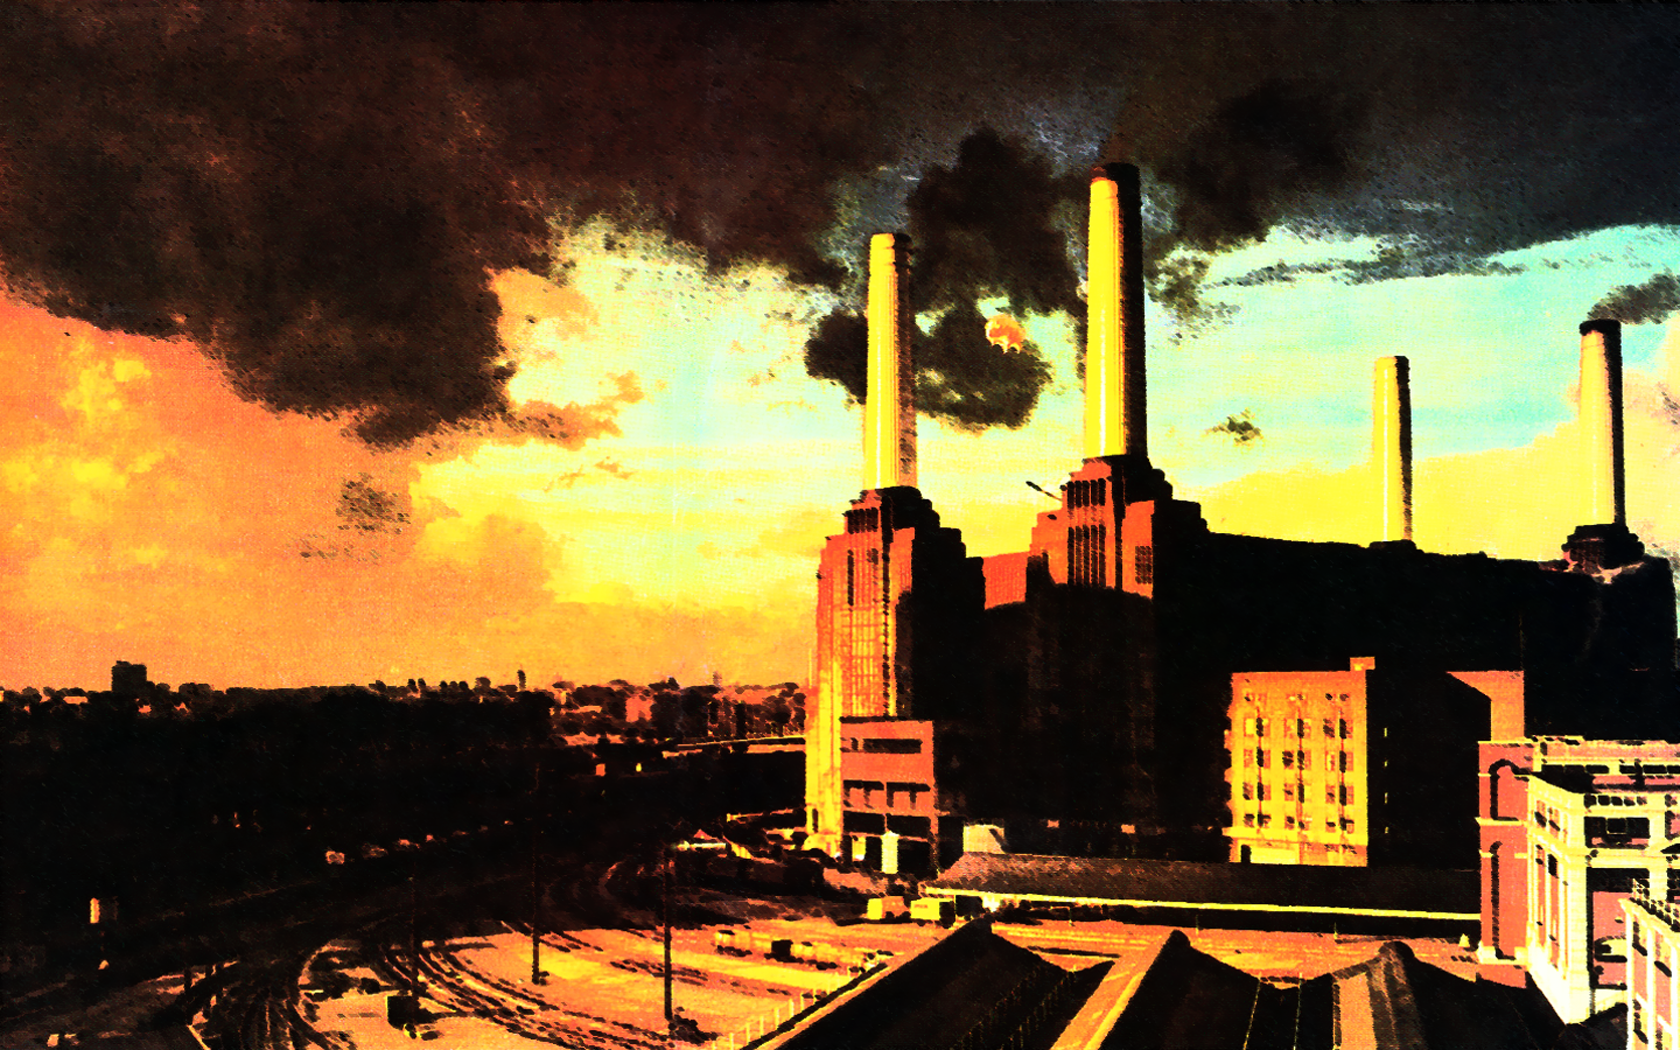 Pink Floyd Animals Wallpaper - WallpaperSafari  Pink Floyd Anim...